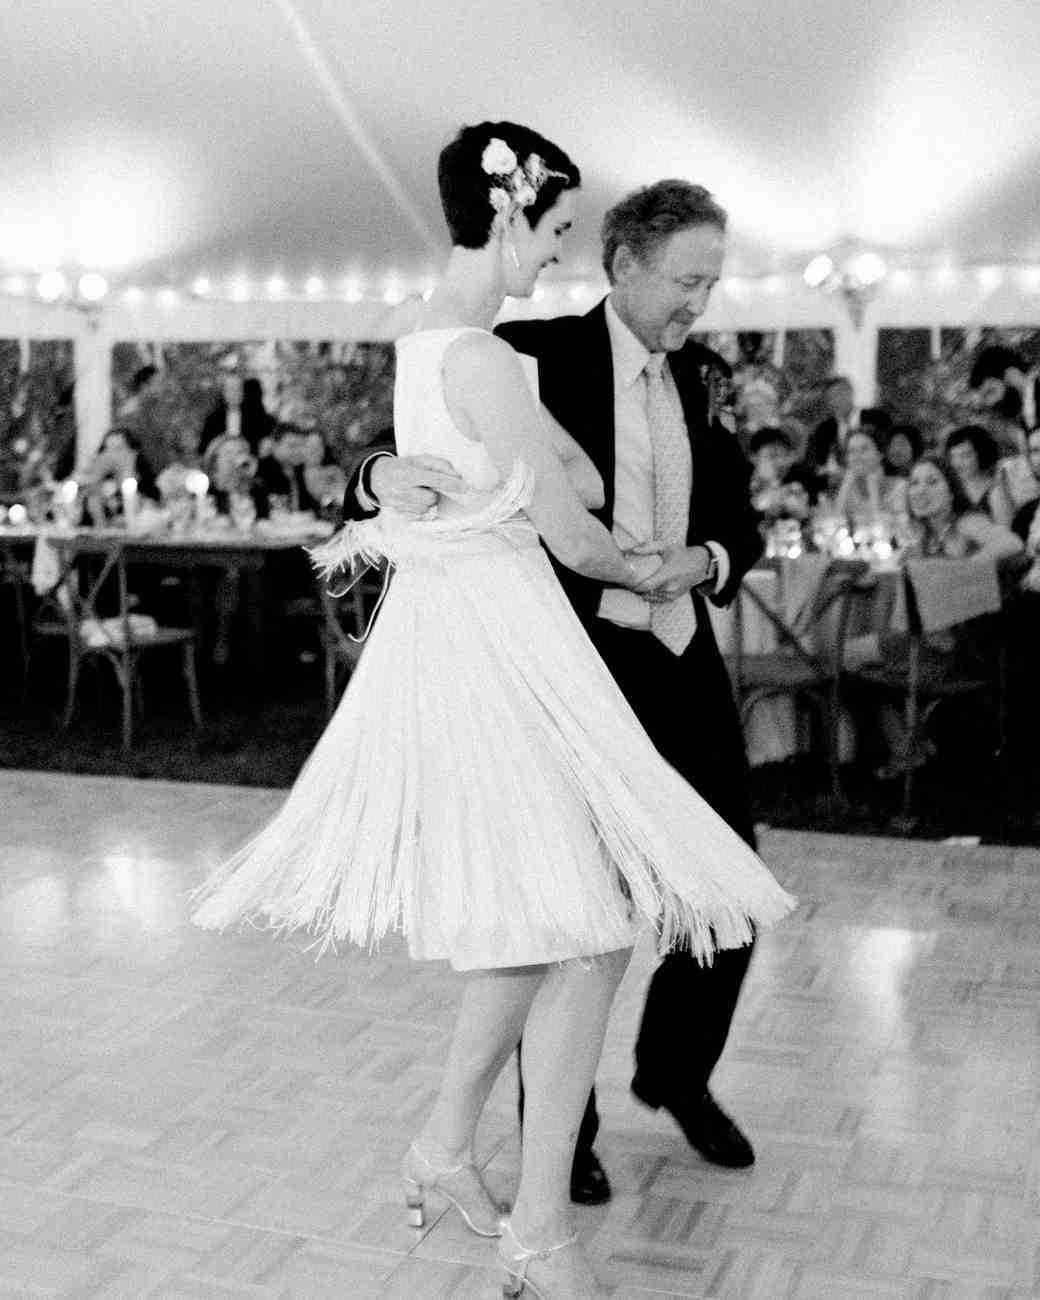 whitney-matt-wedding-firstdance-634-s111817-0215.jpg